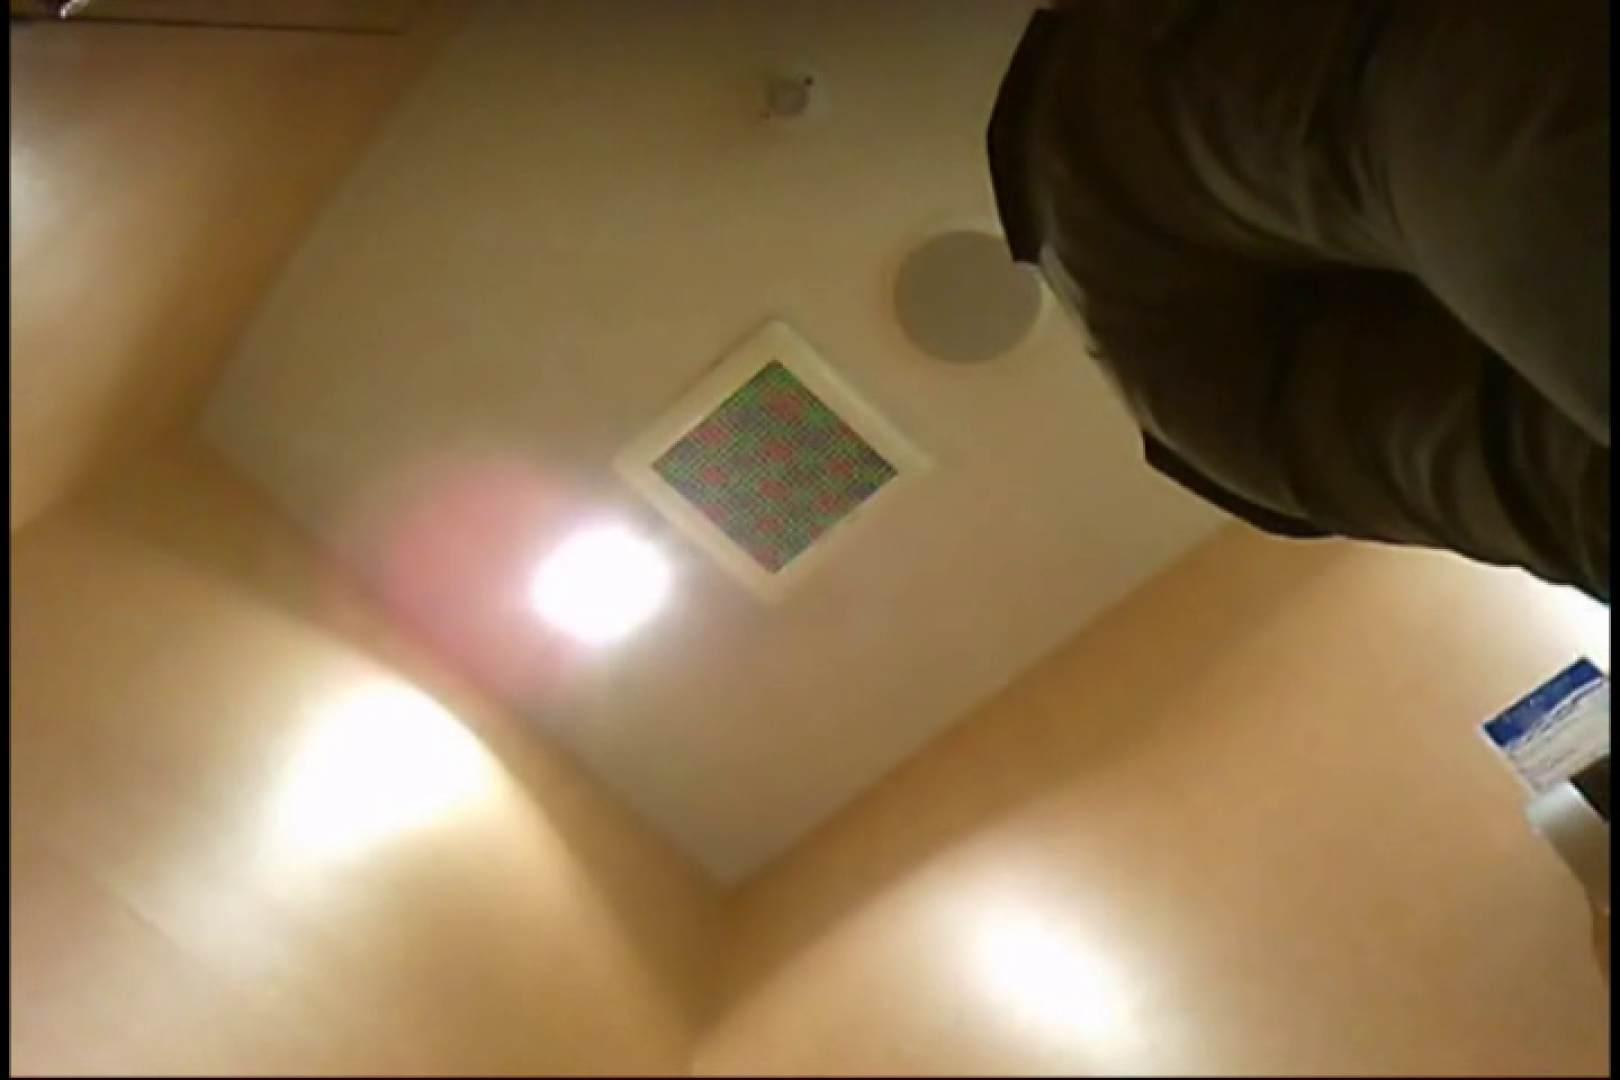 画質向上!新亀さん厠 vol.83 厠・・・ オメコ動画キャプチャ 94PIX 79